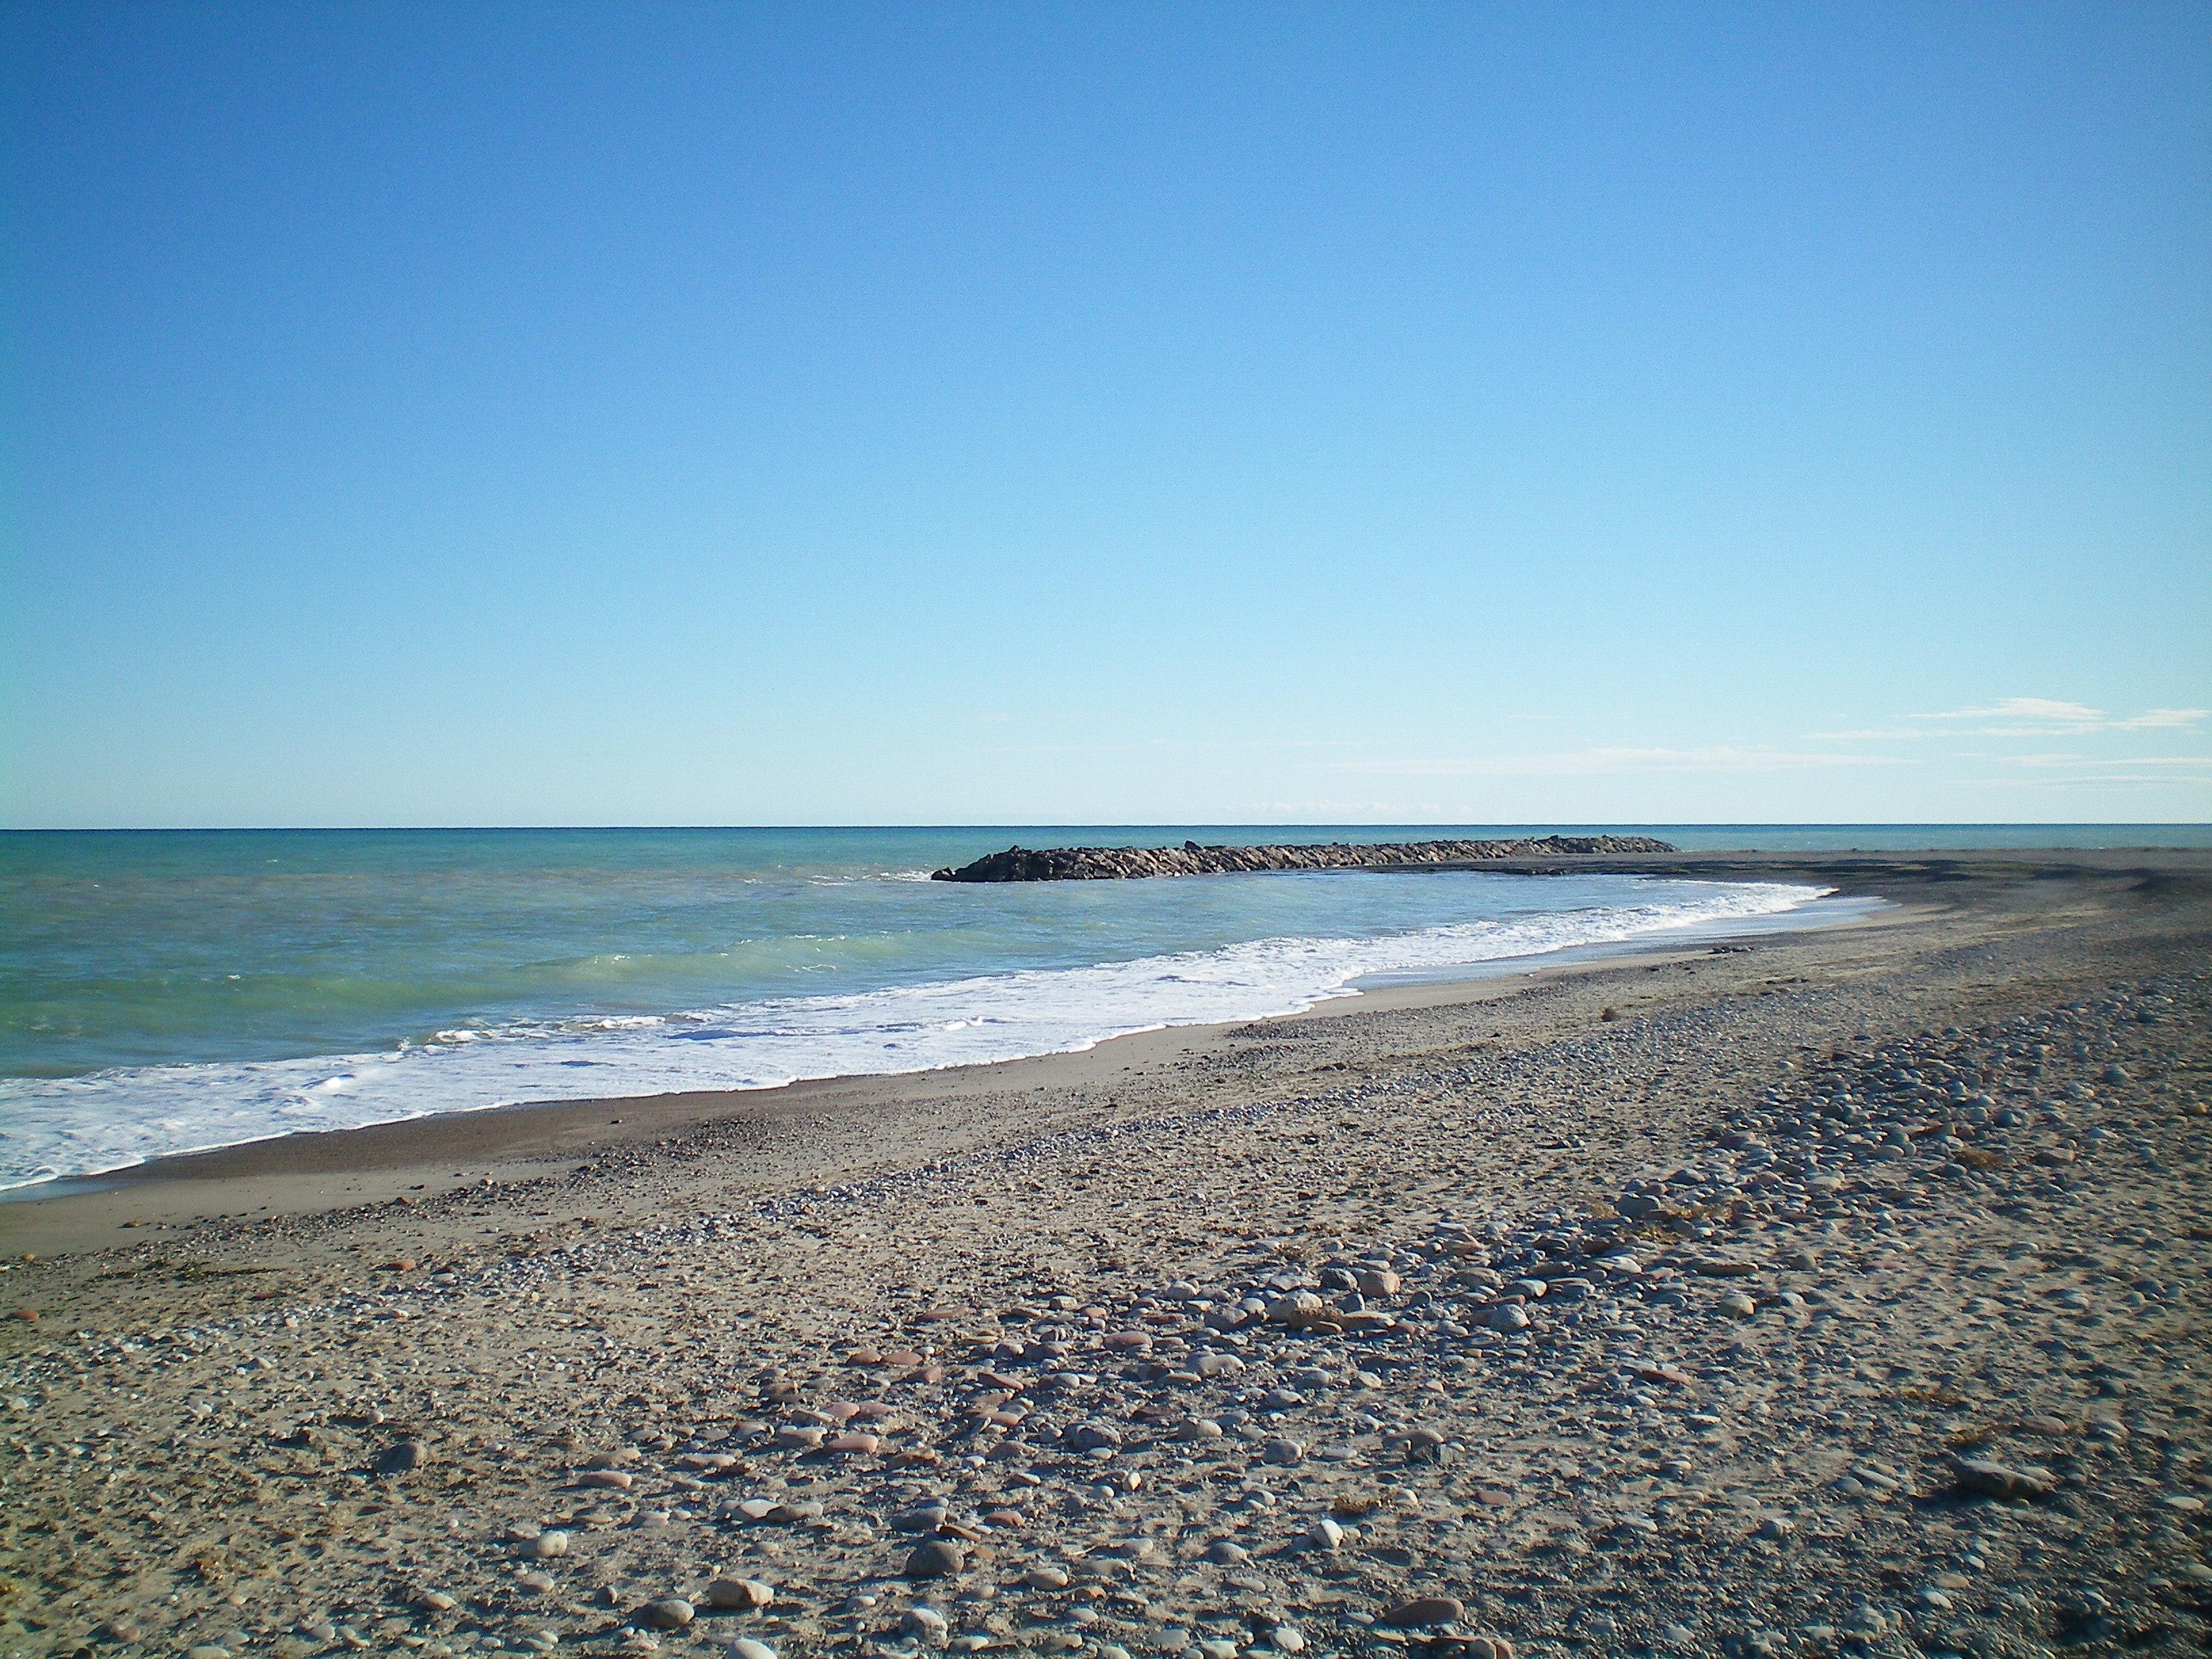 Playa Ben Afeli / Benafeli